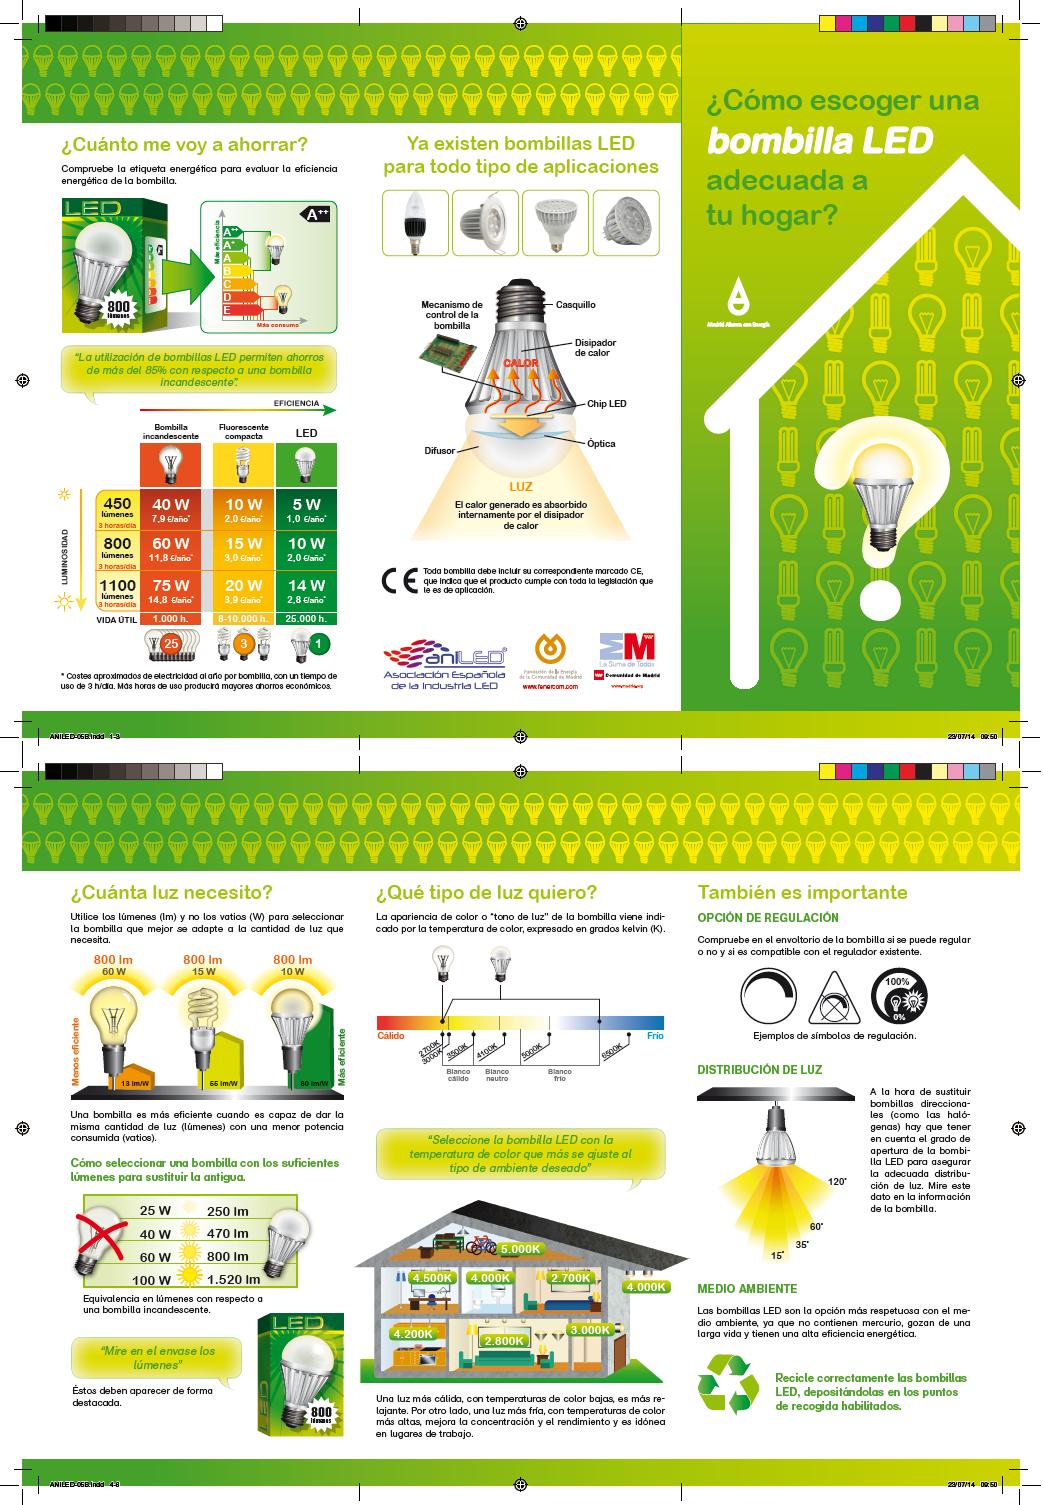 Cómo elegir una bombilla LED para casa | Pinterest | Bombillas led ...